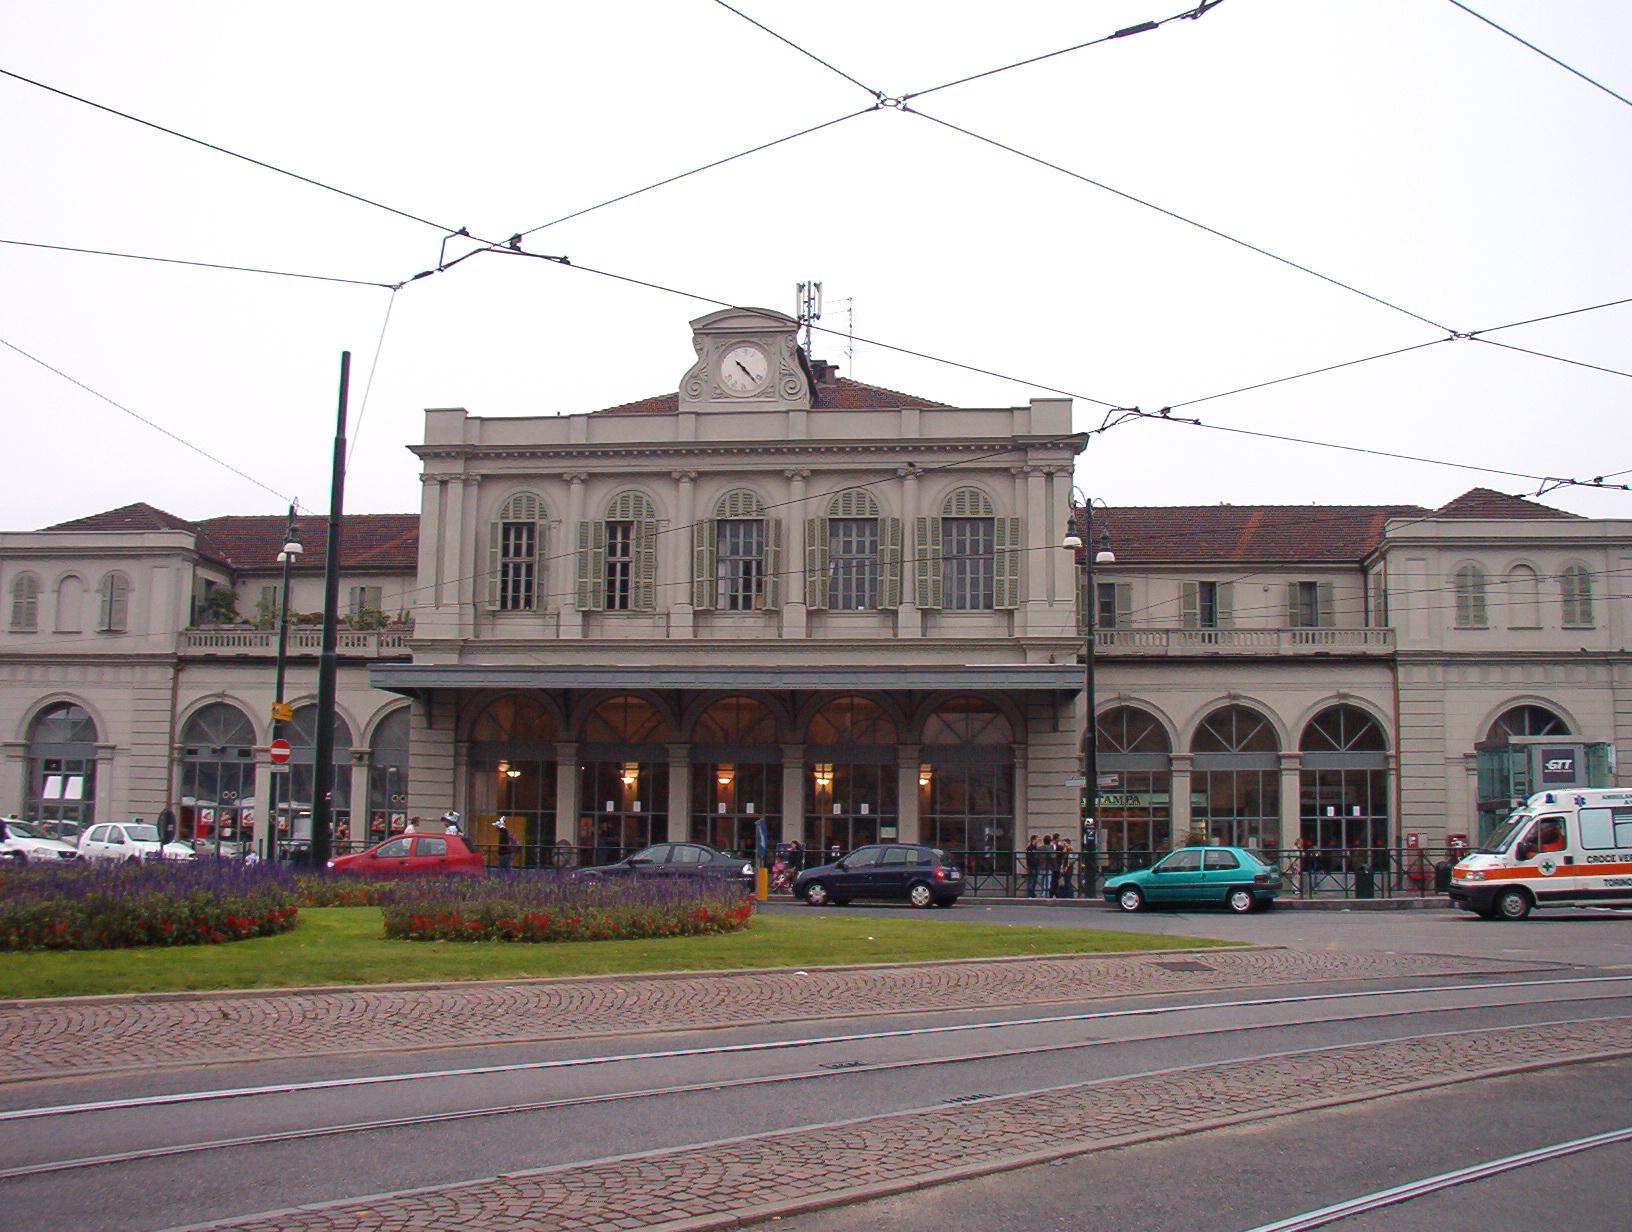 Stazione di porta susa 200mt residence torino nuova - Porta susa stazione ...